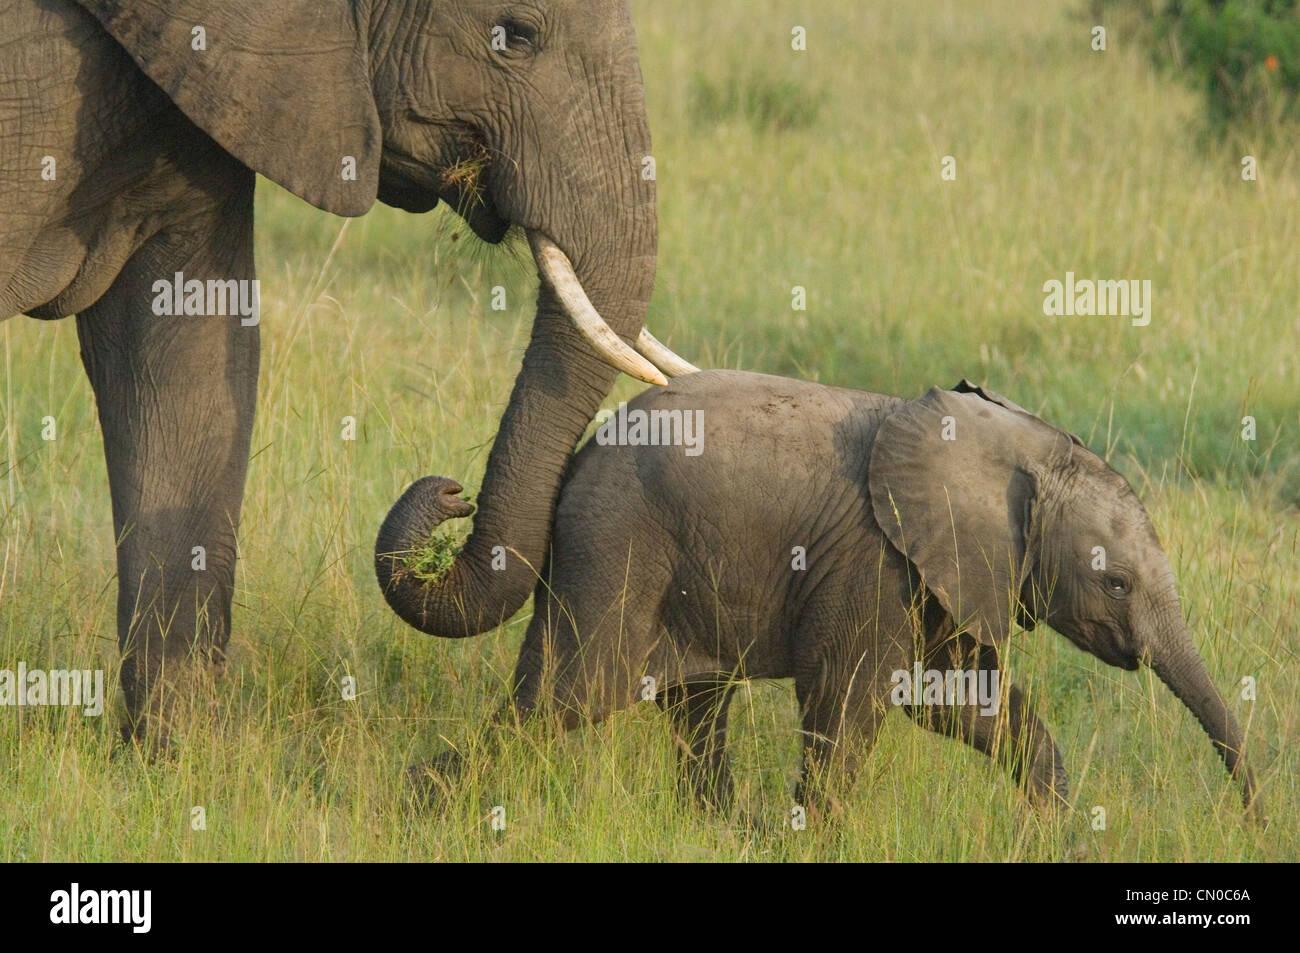 Elephant mom pushing baby with trunk (Loxodonta africana) - Stock Image